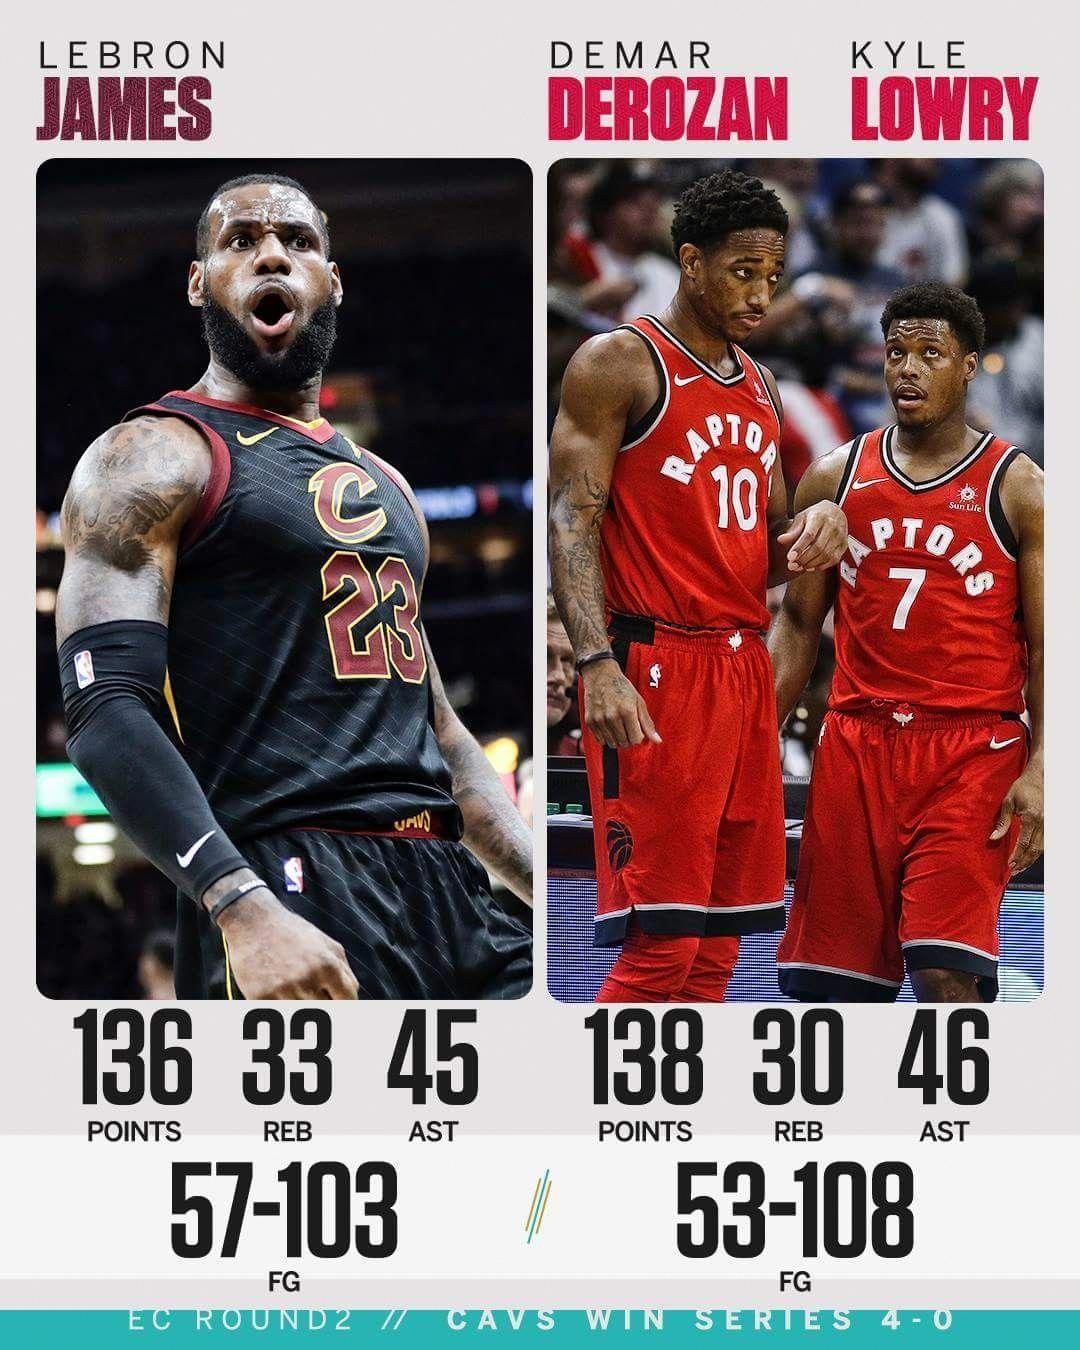 Basketball Legends Y8 Basketballjerseys Info 6389401933 Kidsbasketballgames Team Usa Basketball Basketball Games For Kids Lebron James